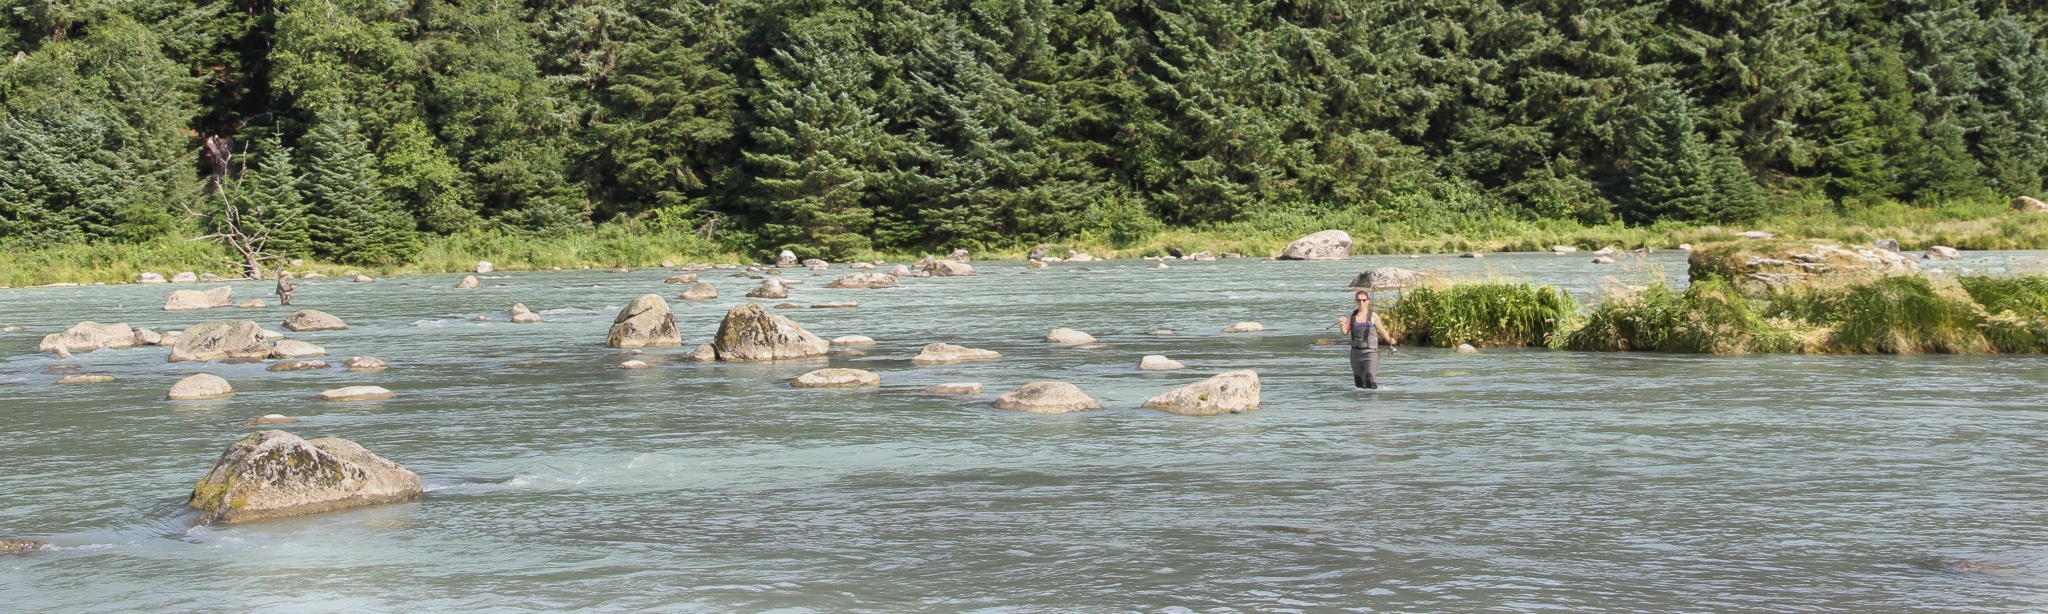 Lachsangeln im Fluß